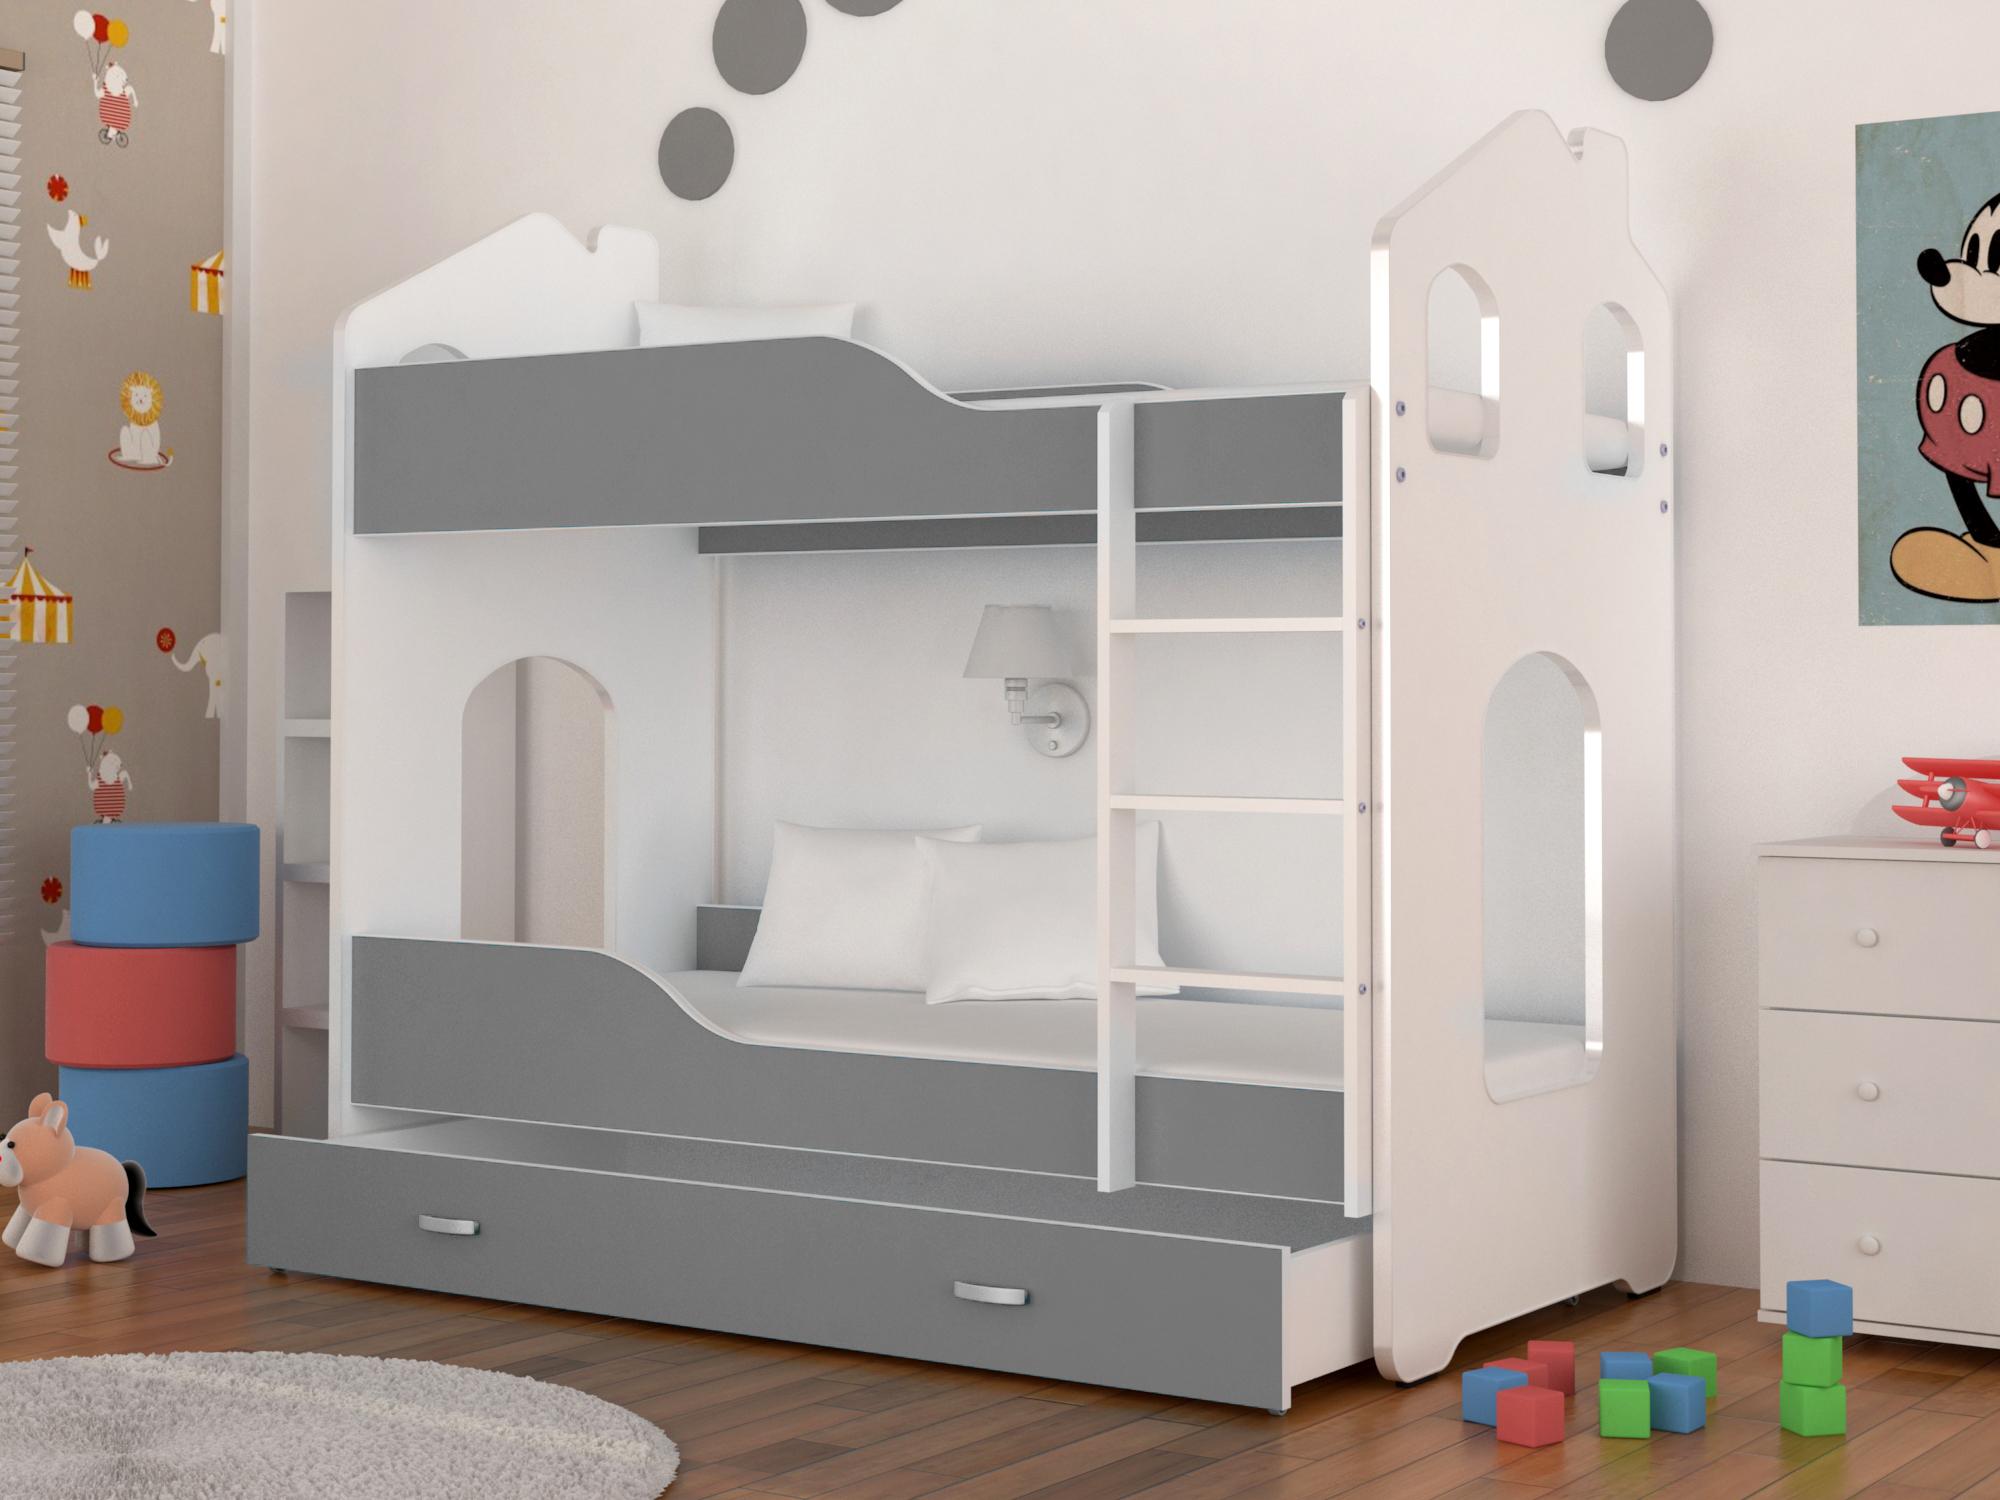 Dětská patrová postel PATRIK Domek + matrace + rošt ZDARMA, 160x80, bílá/šedá - VÝPRODEJ Č